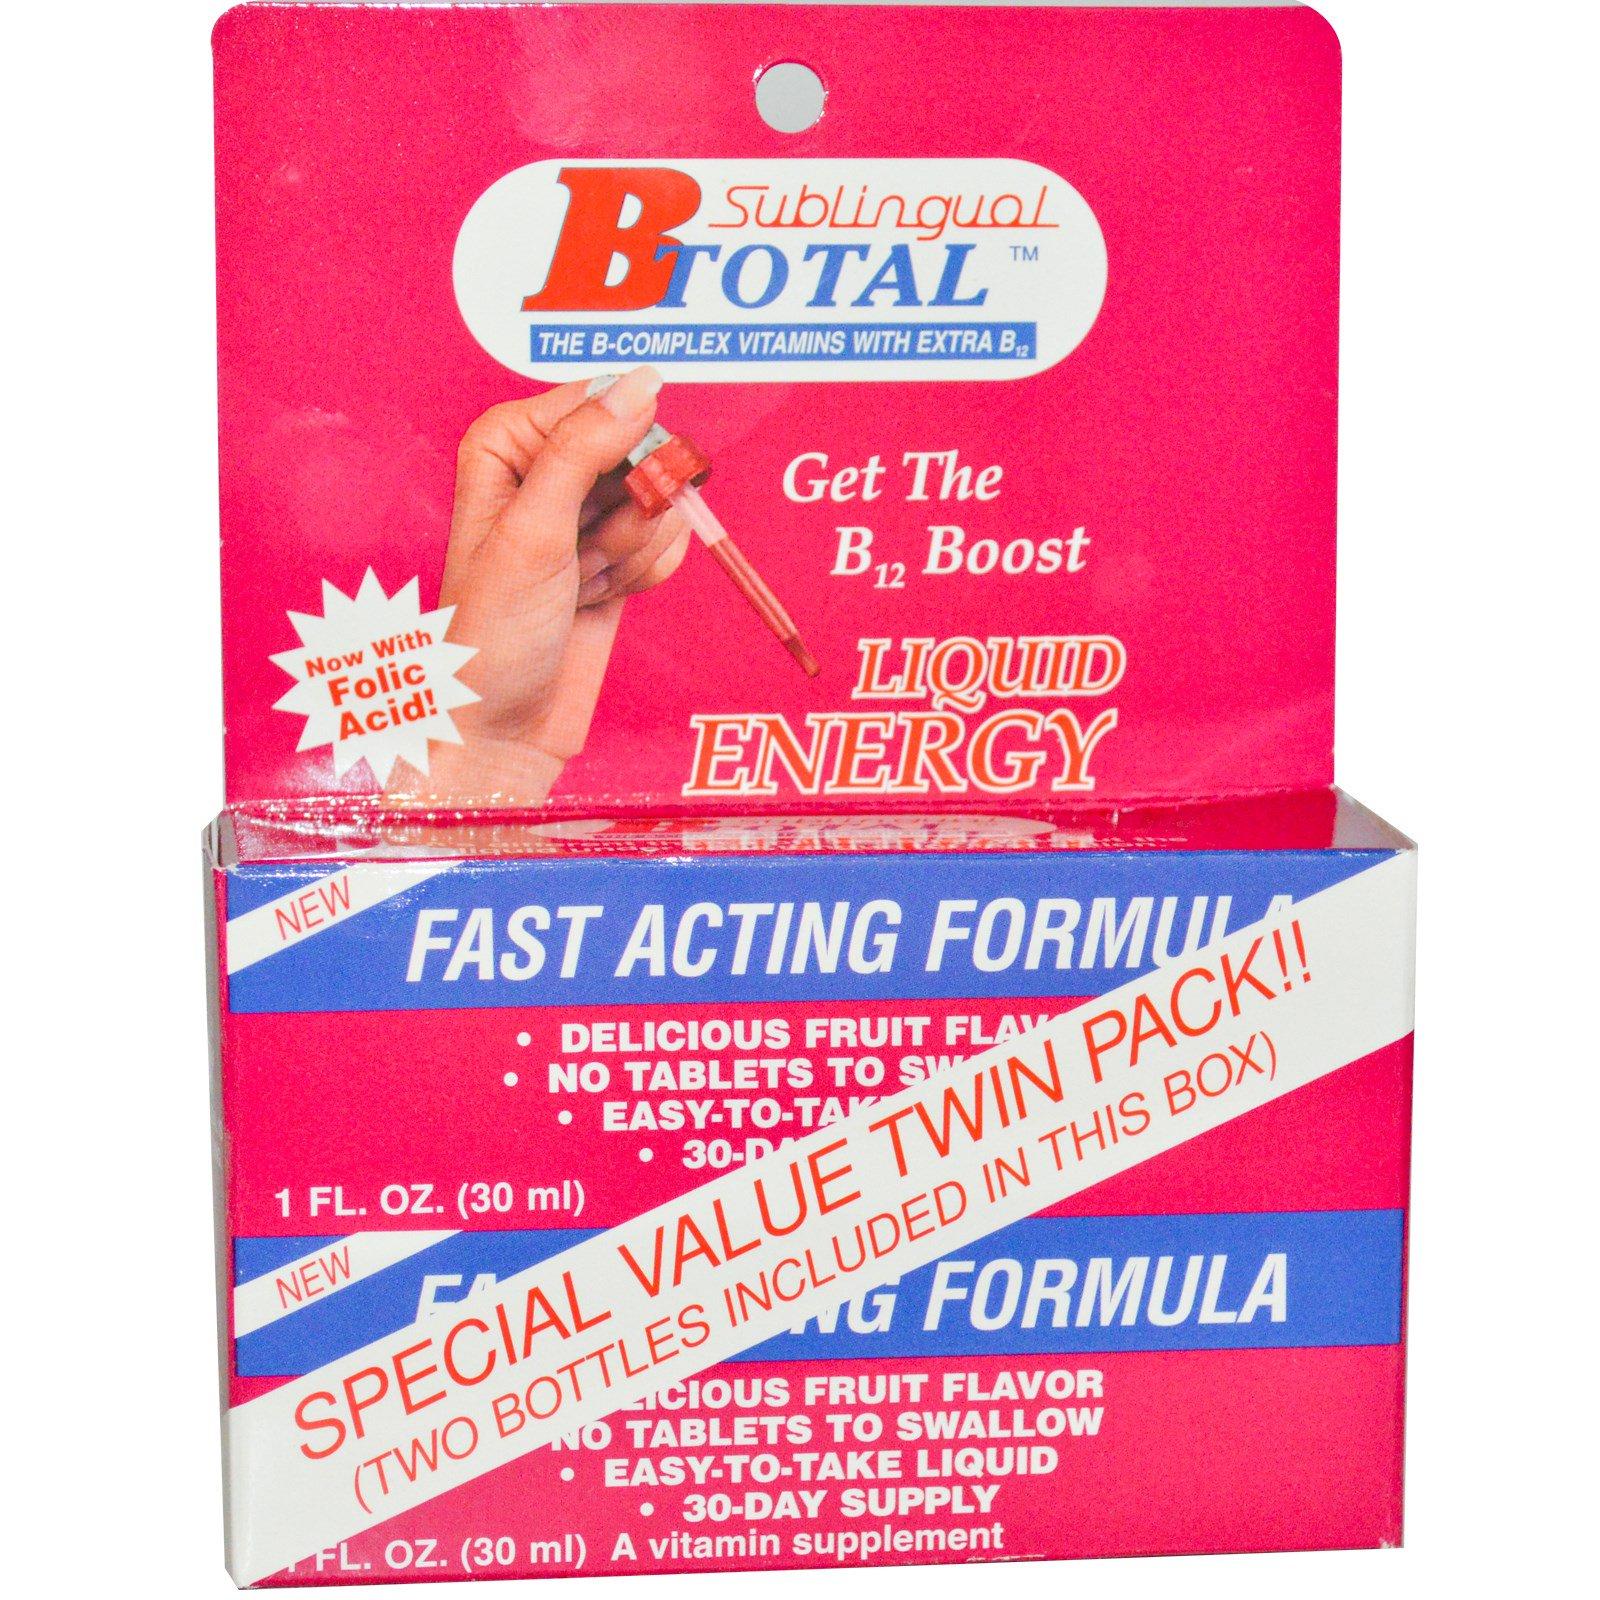 Nutraceutical Solutions, Inc, B Total, сублингвальное средство, двойная упаковка, 2 флакона, 1 жидкая унция (30 мл) каждый